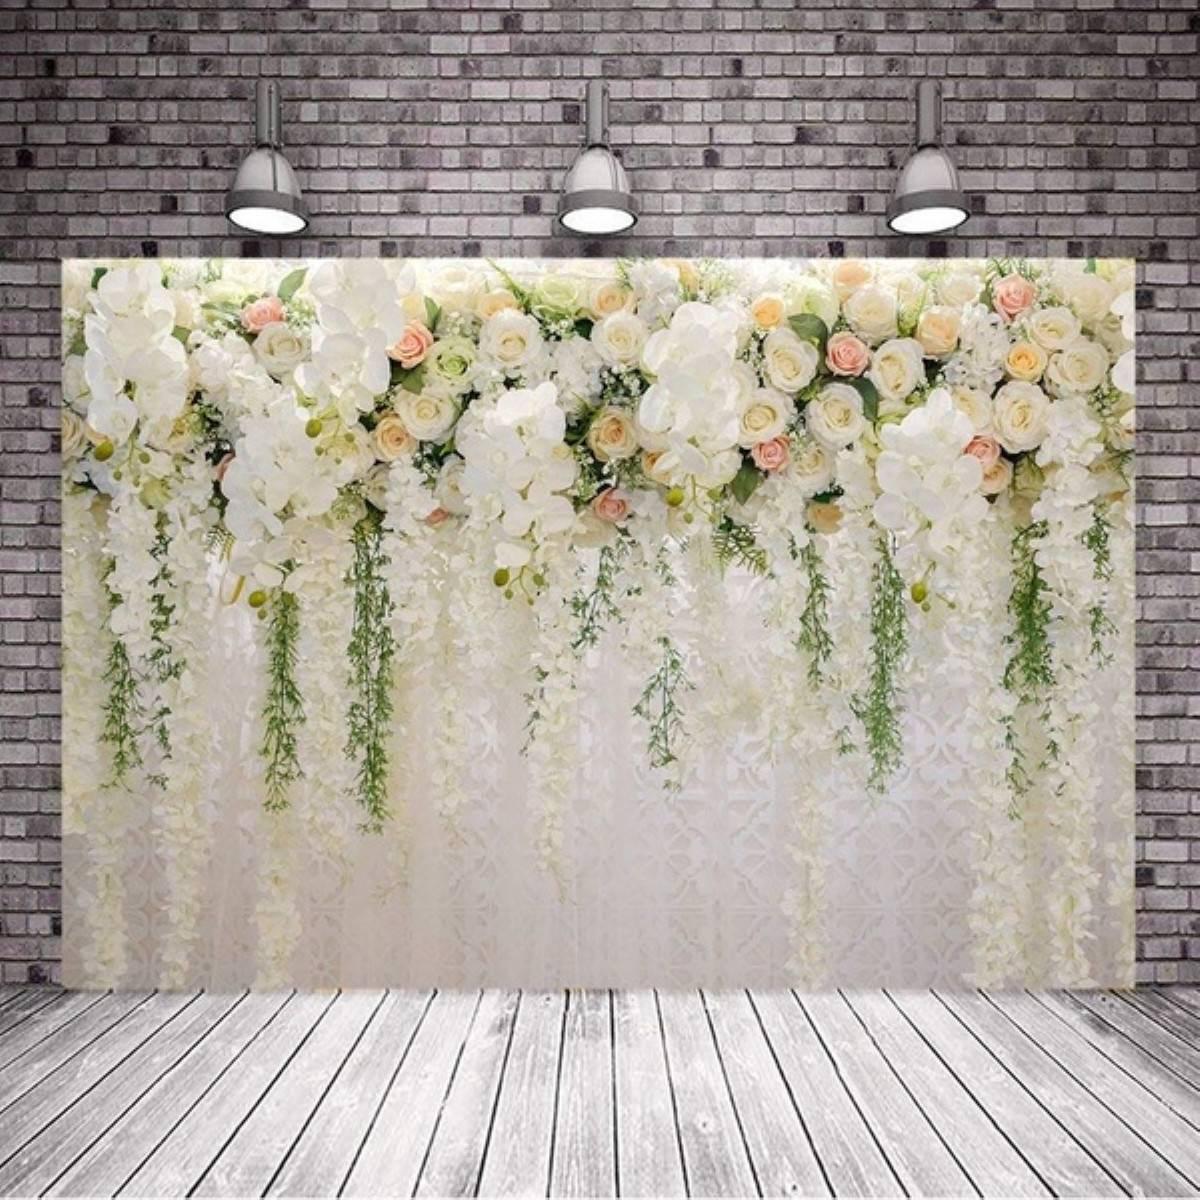 Flor de rosa parede casamento bebê criança fotografia fundos branco foto backdrops adereços para estúdio foto